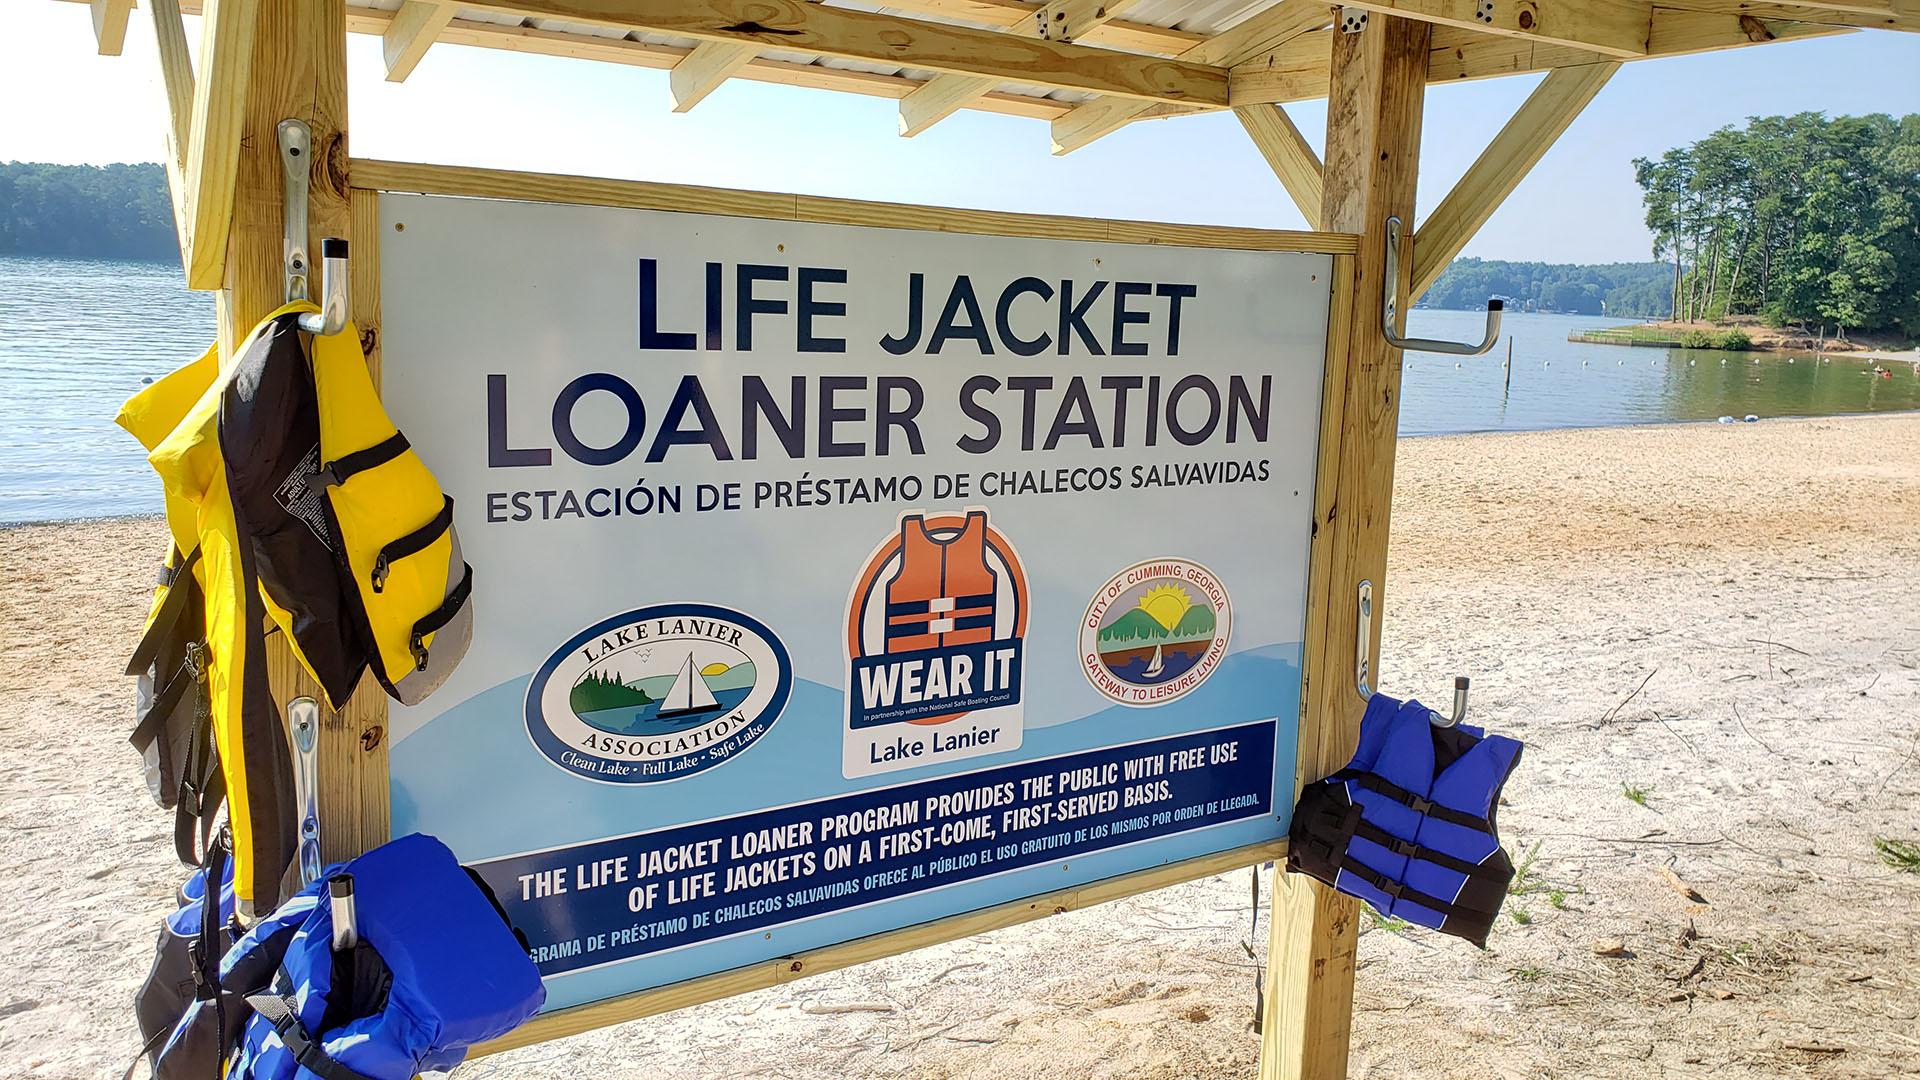 Life Jacket Loaner Station Sign